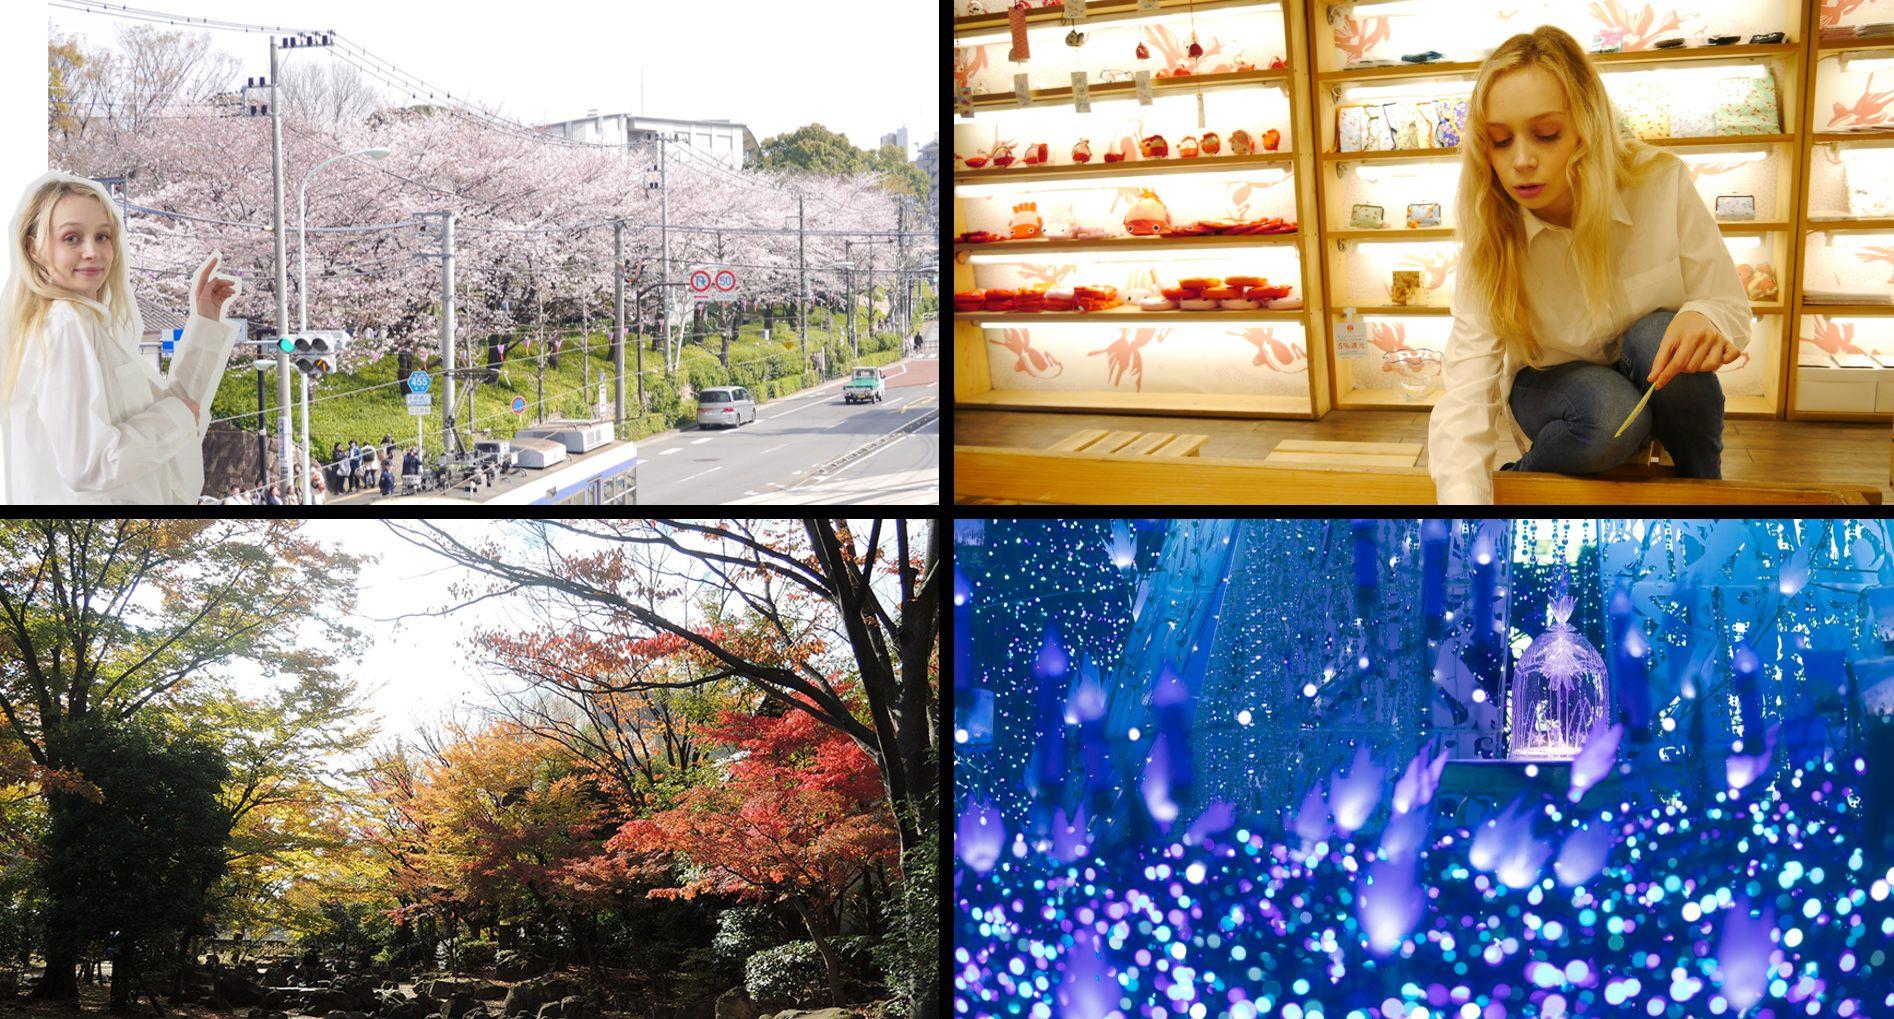 2020年的問卷主題為「季節」。春夏秋冬哪個觀光路線最受歡迎?